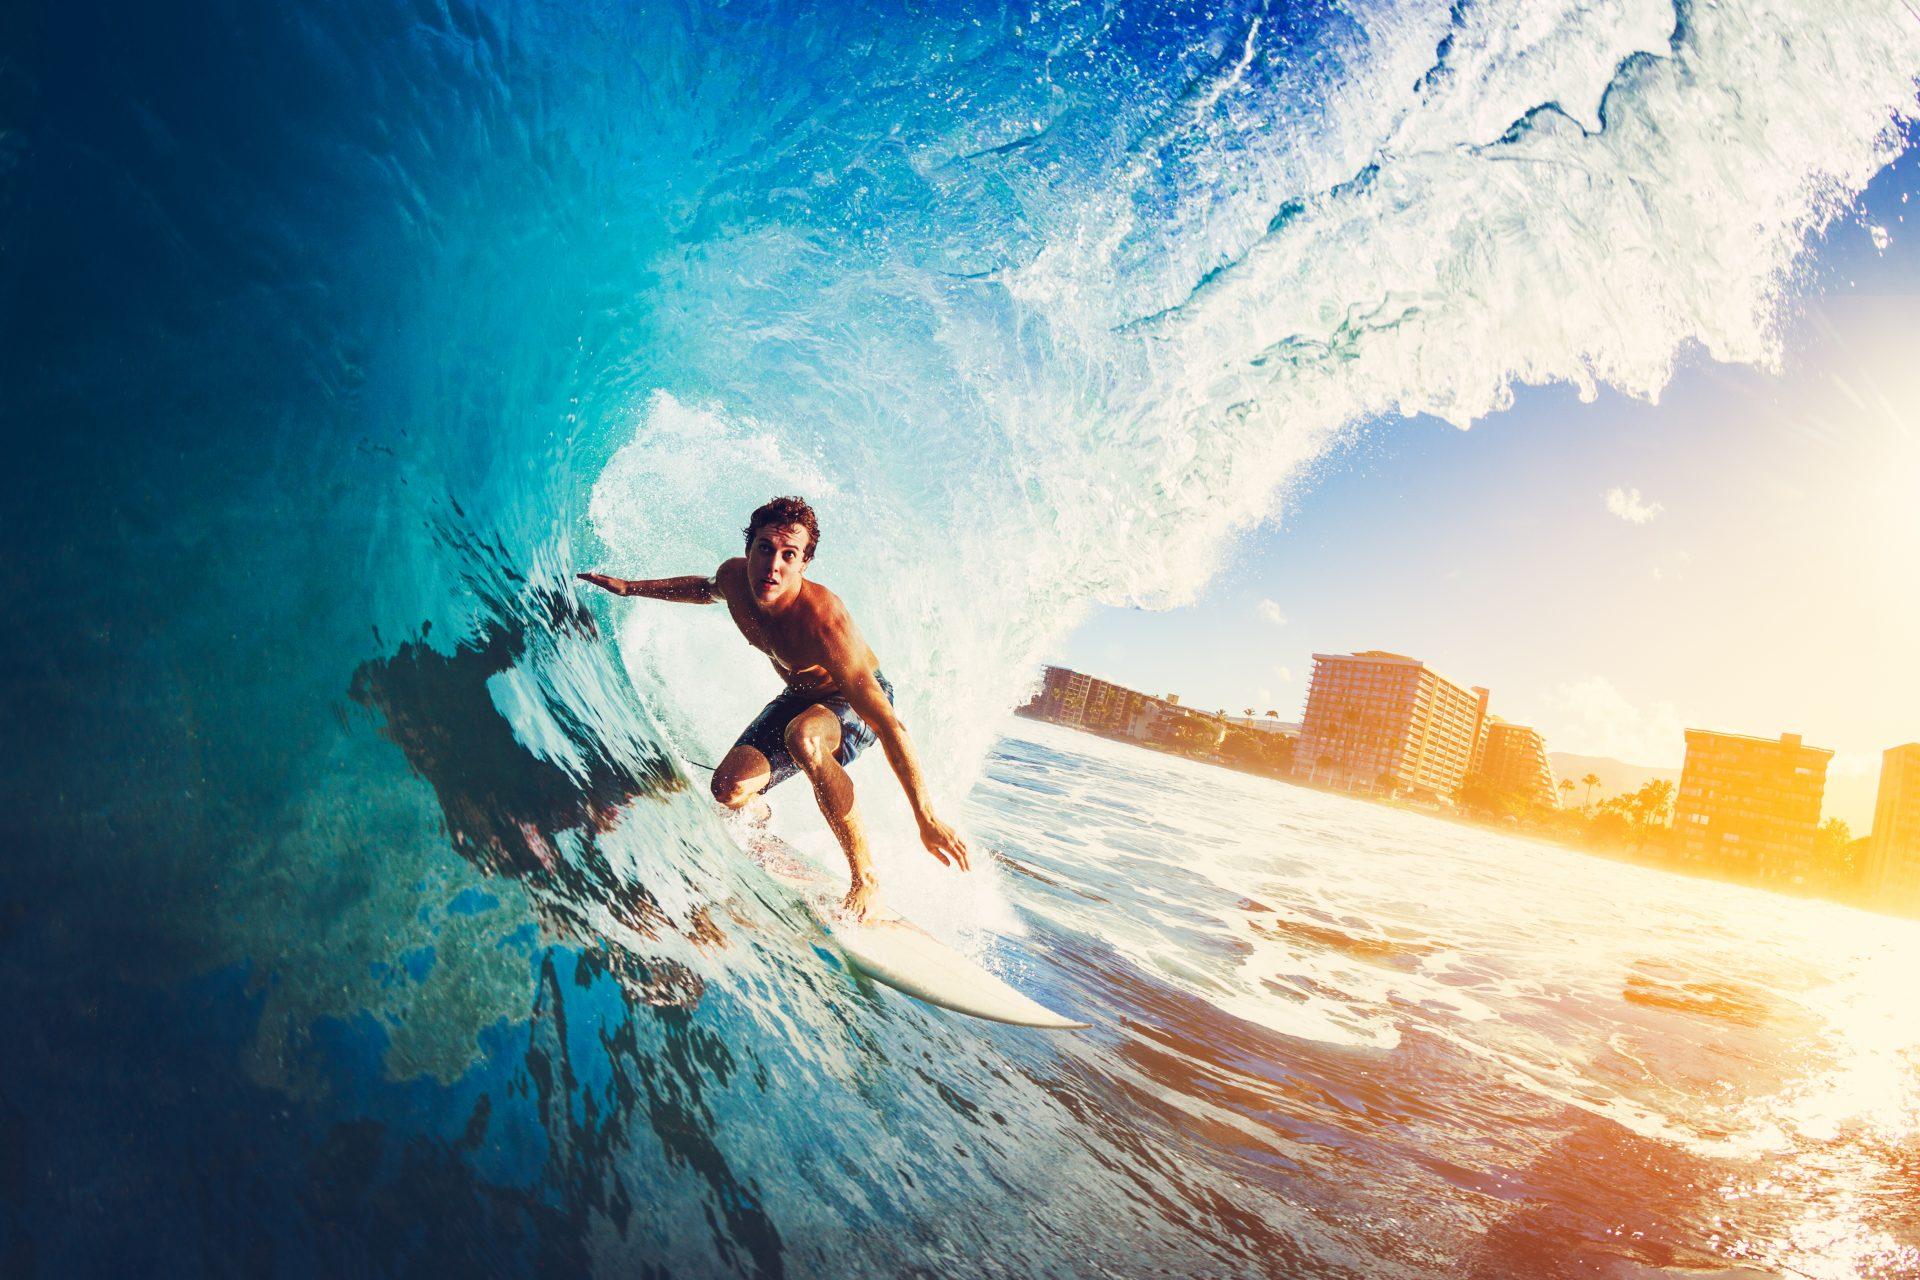 קורסי גלישה (Shutterstock) צילום: EpicStockMedia